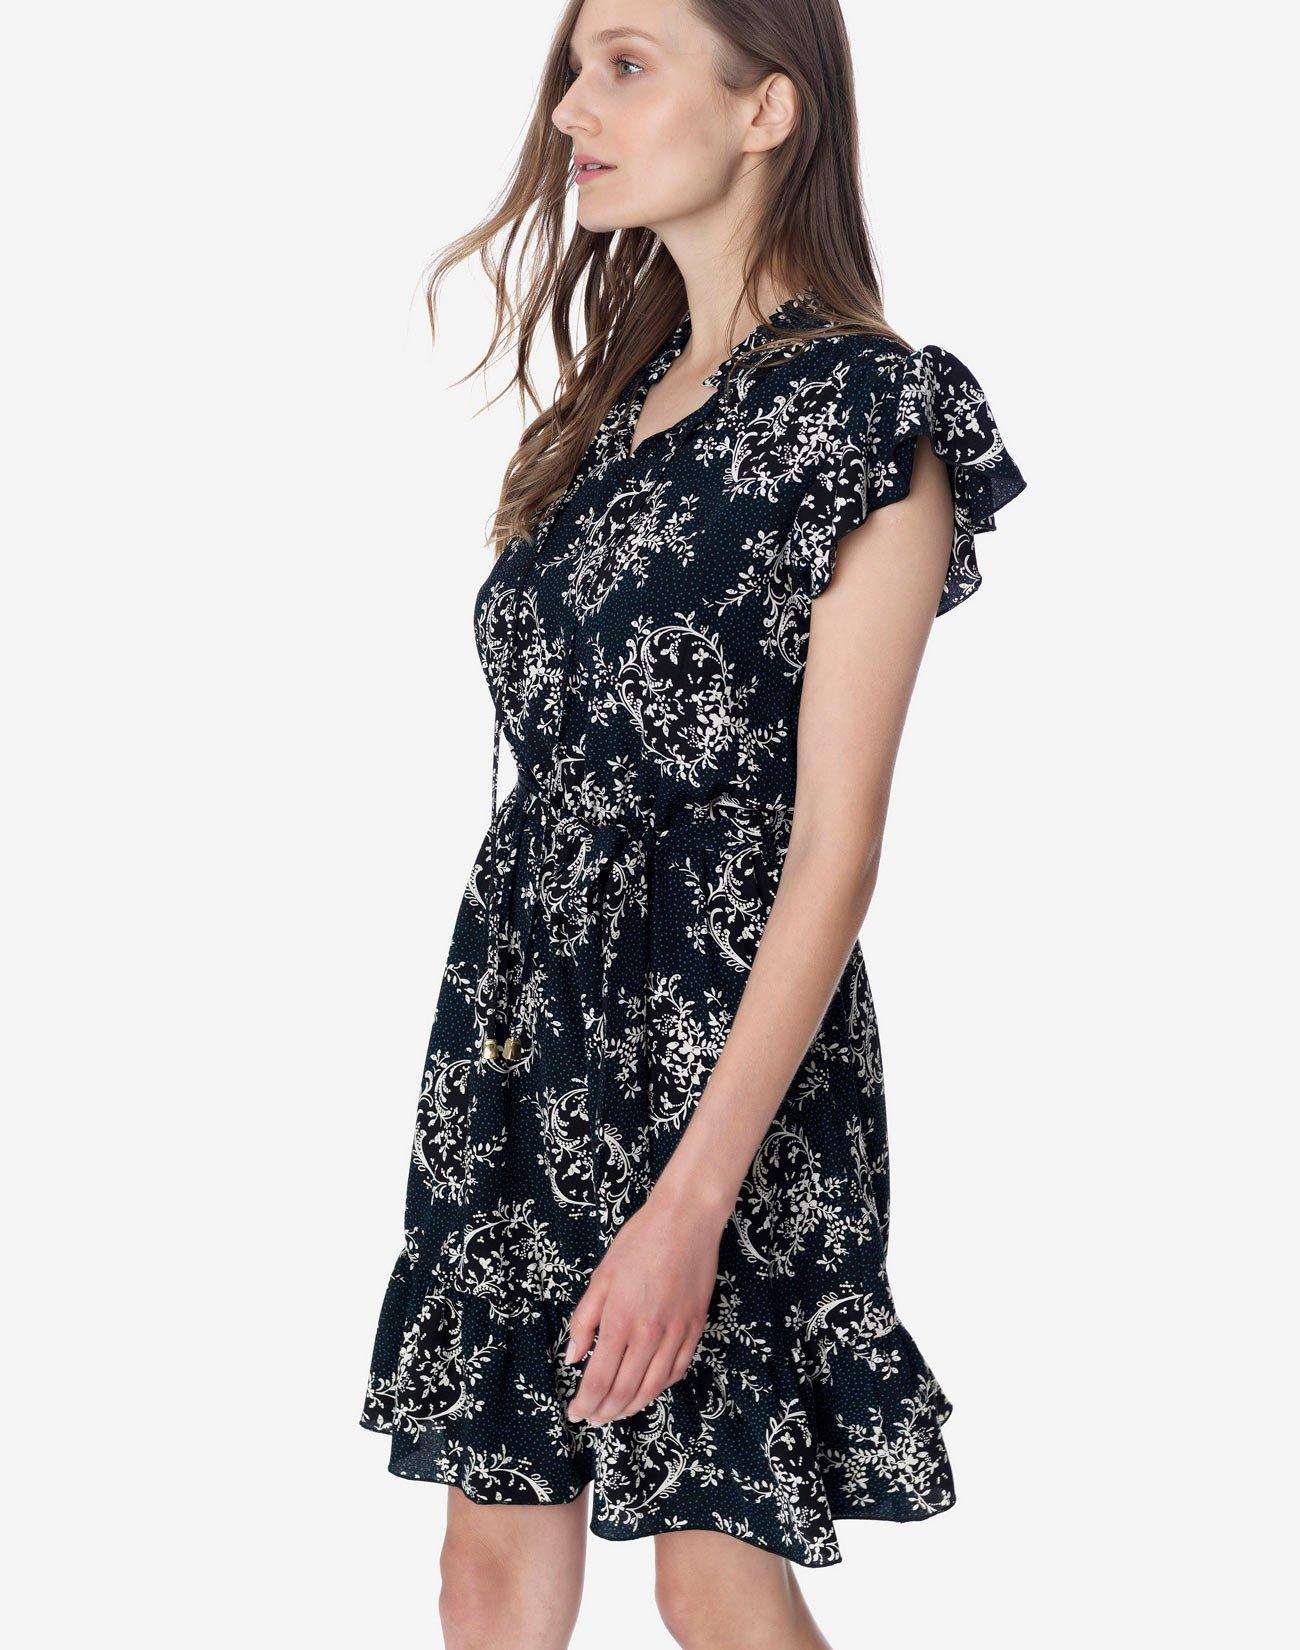 Μίνι εμπριμέ φόρεμα